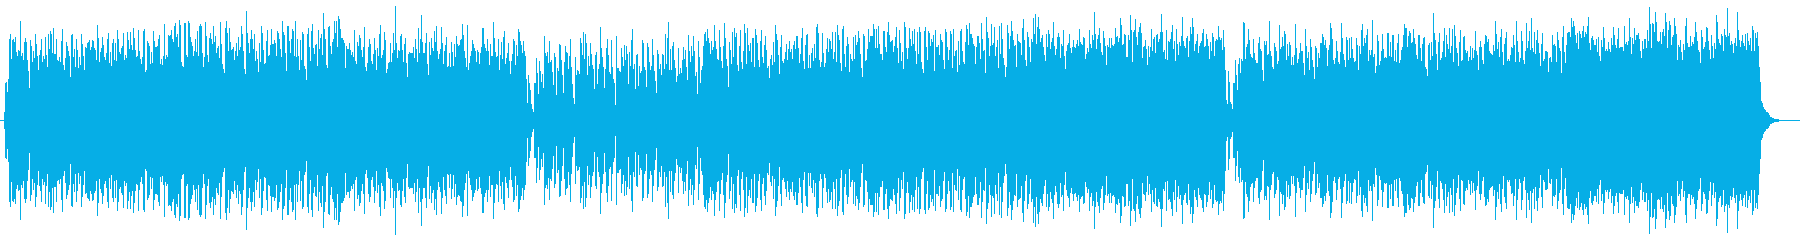 爽やかで明るいイージーリスニング曲の再生済みの波形